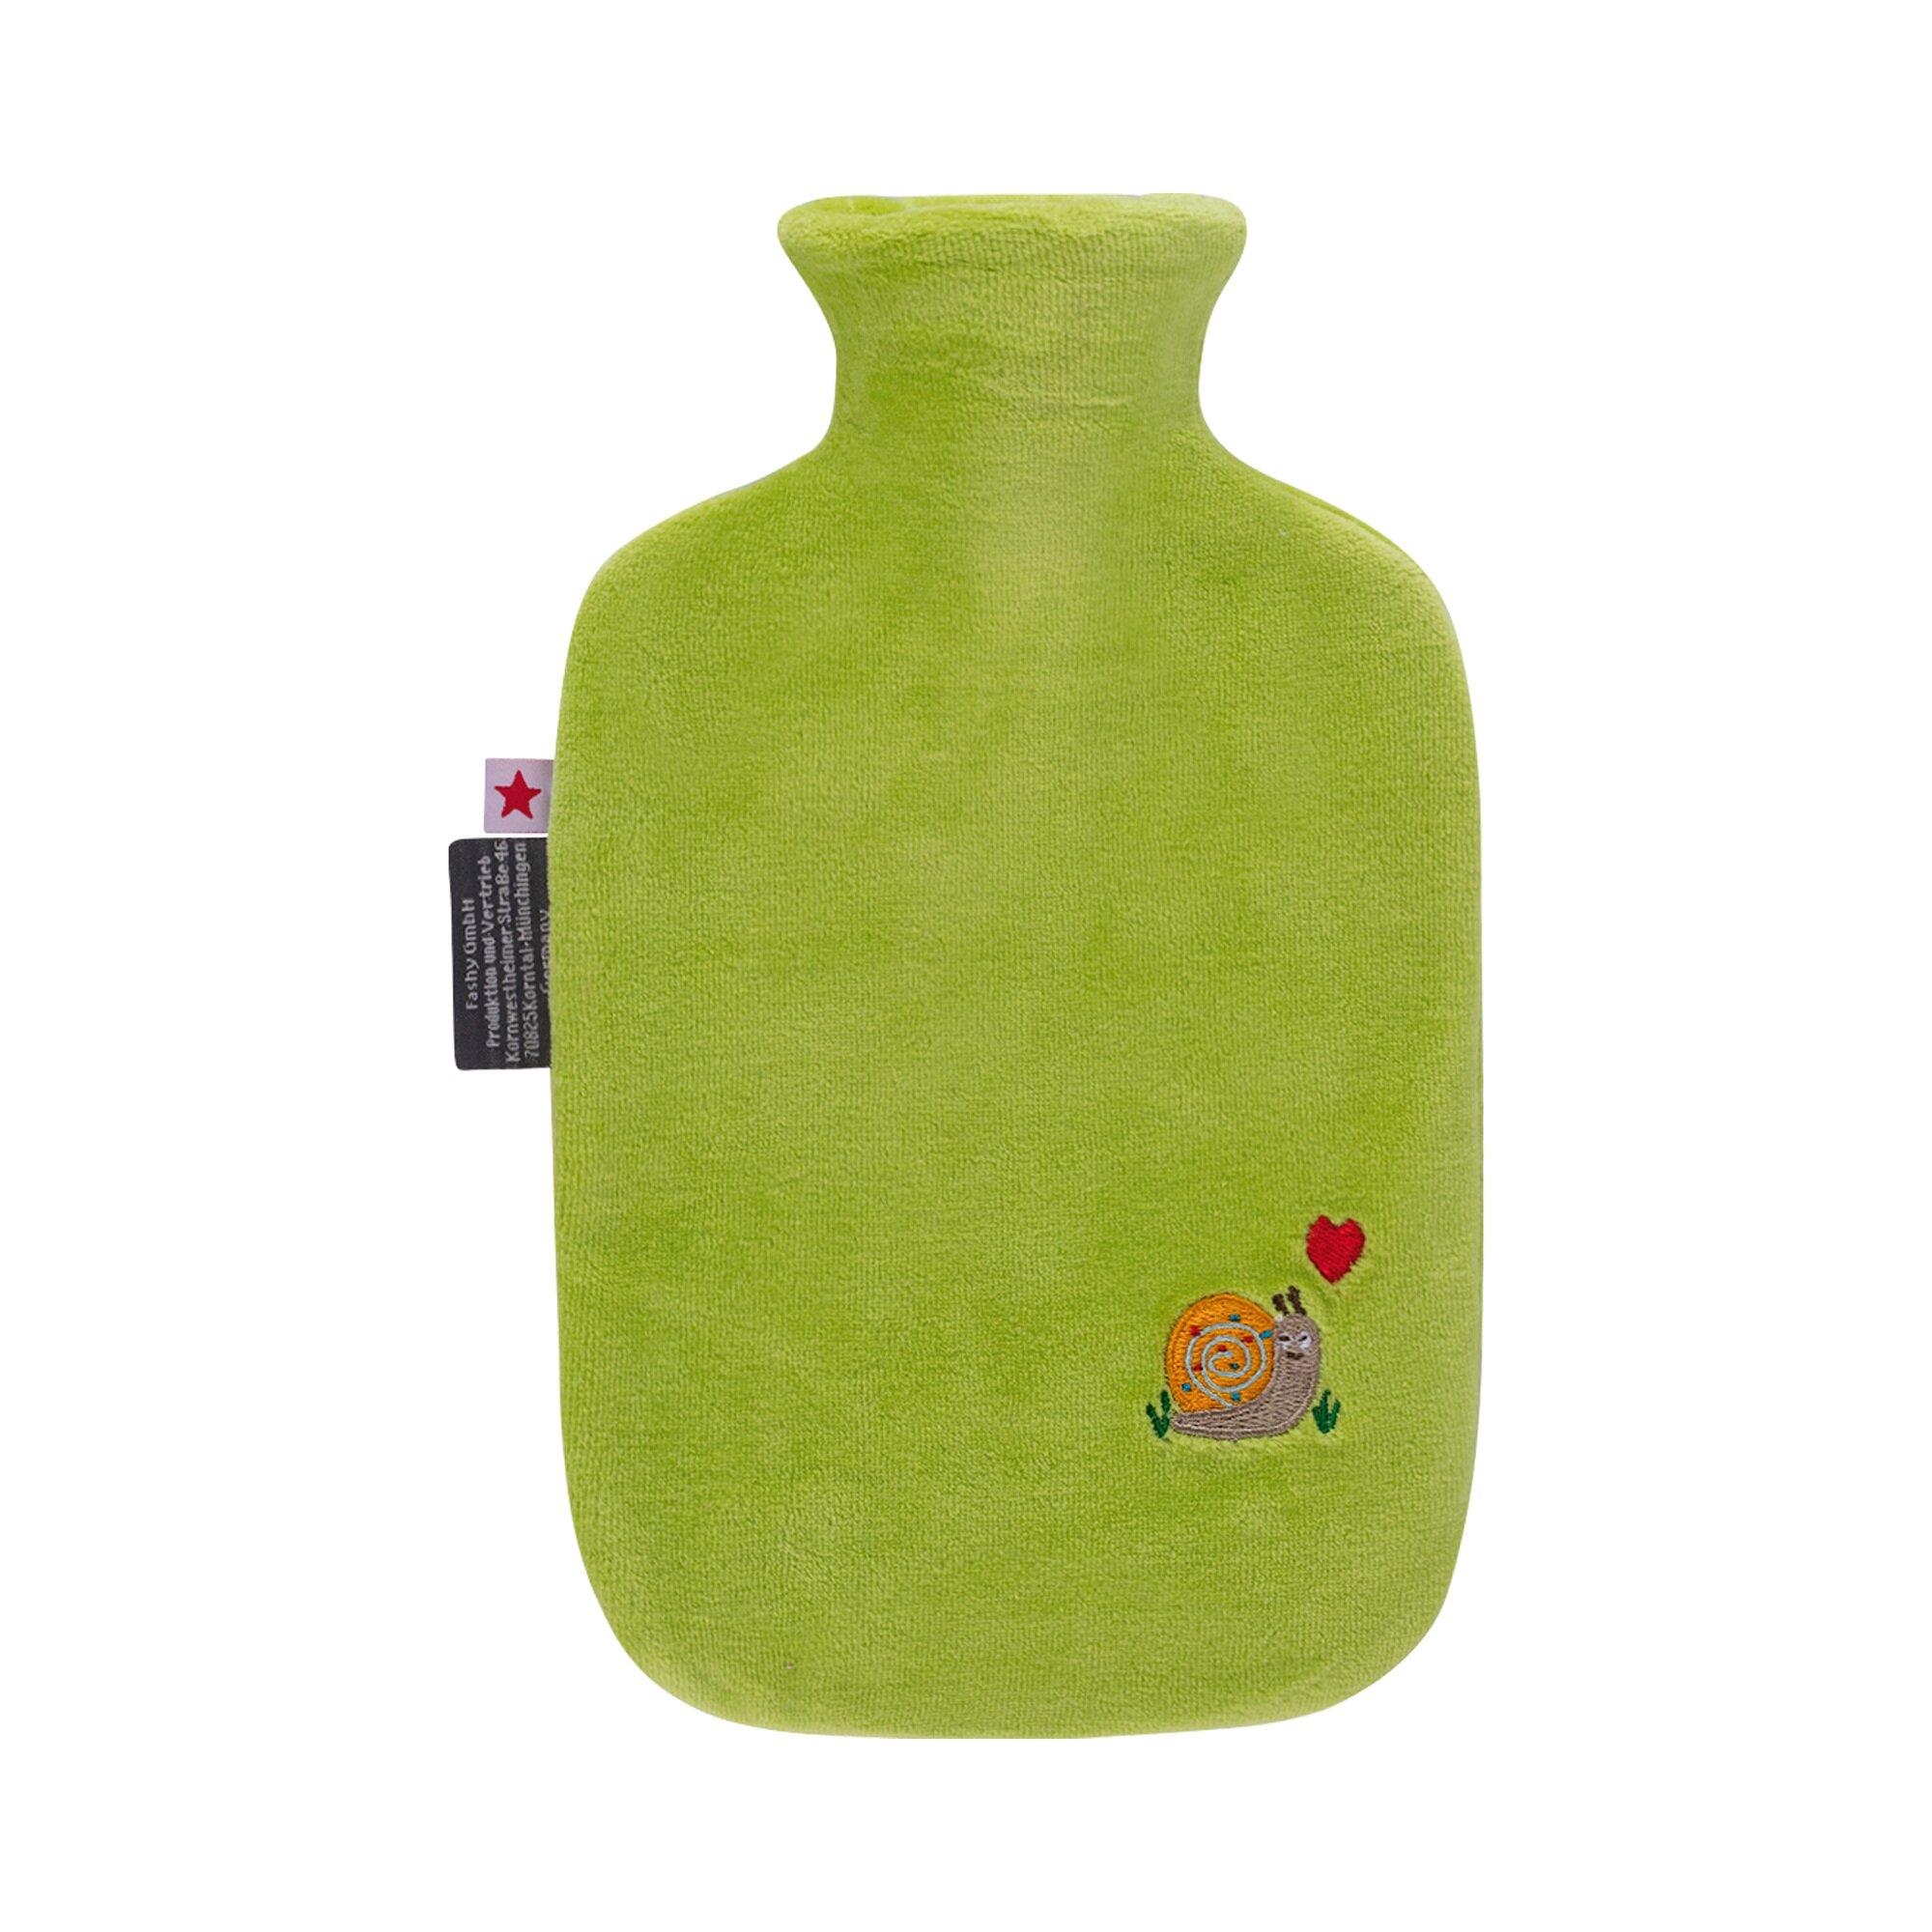 fashy-warmflasche-mit-flauschbezug-schnecke-shirley